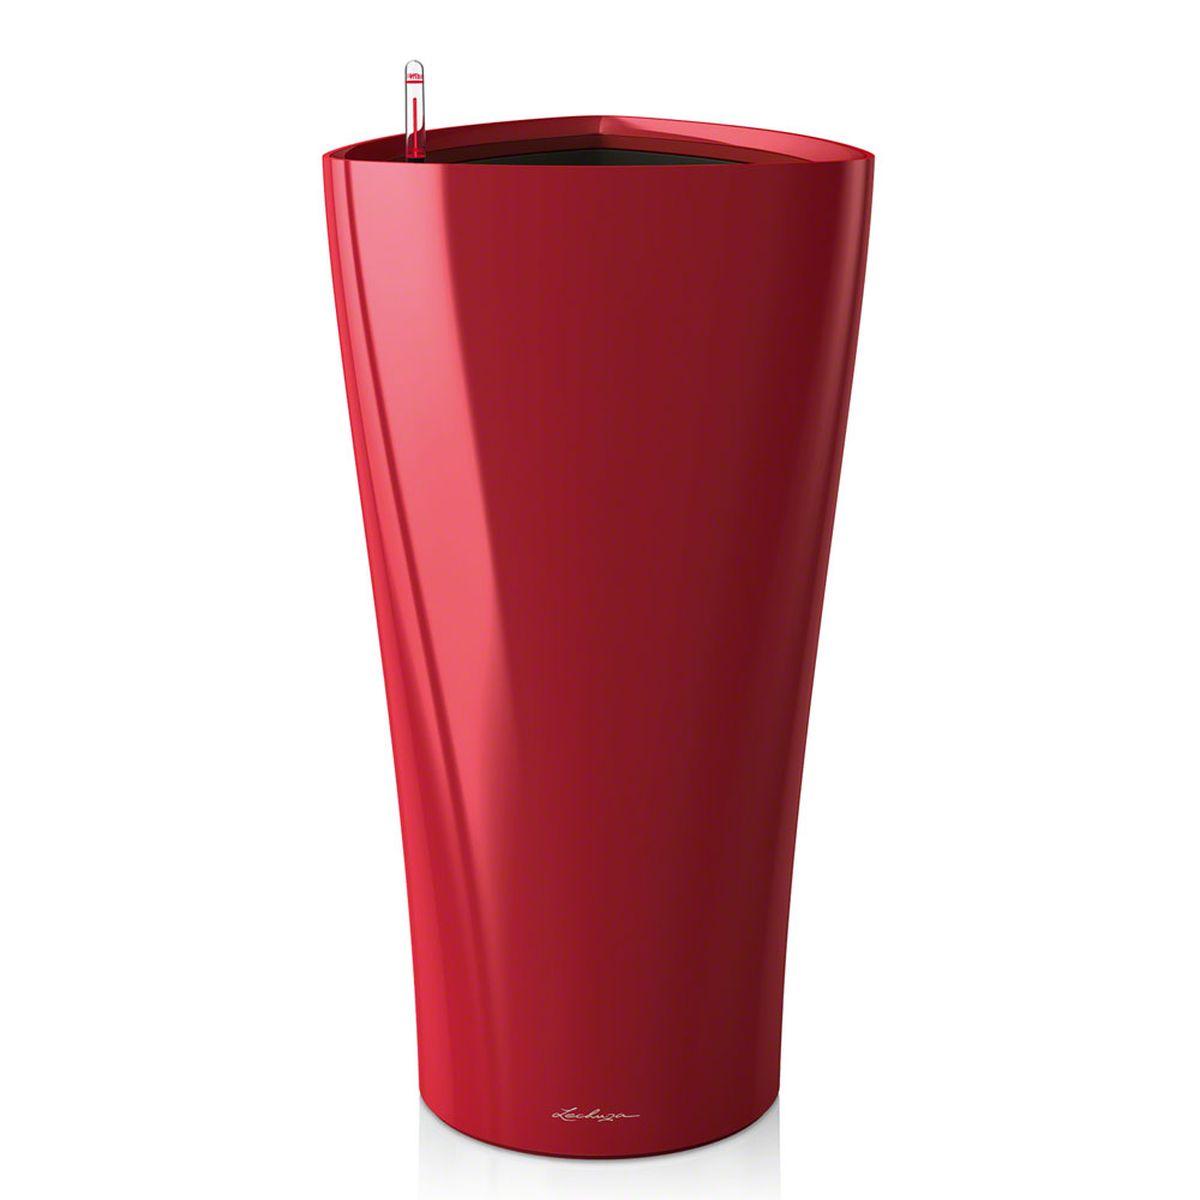 Кашпо с автополивом Lechuza Delta 30х56 см, красное15519LECHUZA DELTA объединяет технологии и дизайн: спрятанная в кашпо плавной, органичной формы, система автополива LECHUZA, надежно обеспечивает Ваши растения водой. Особые преимущества: - Сменный внутренний горшок с системой автополива - Высокое, узкое кашпо в виде колонны - Устойчиво и стабильно